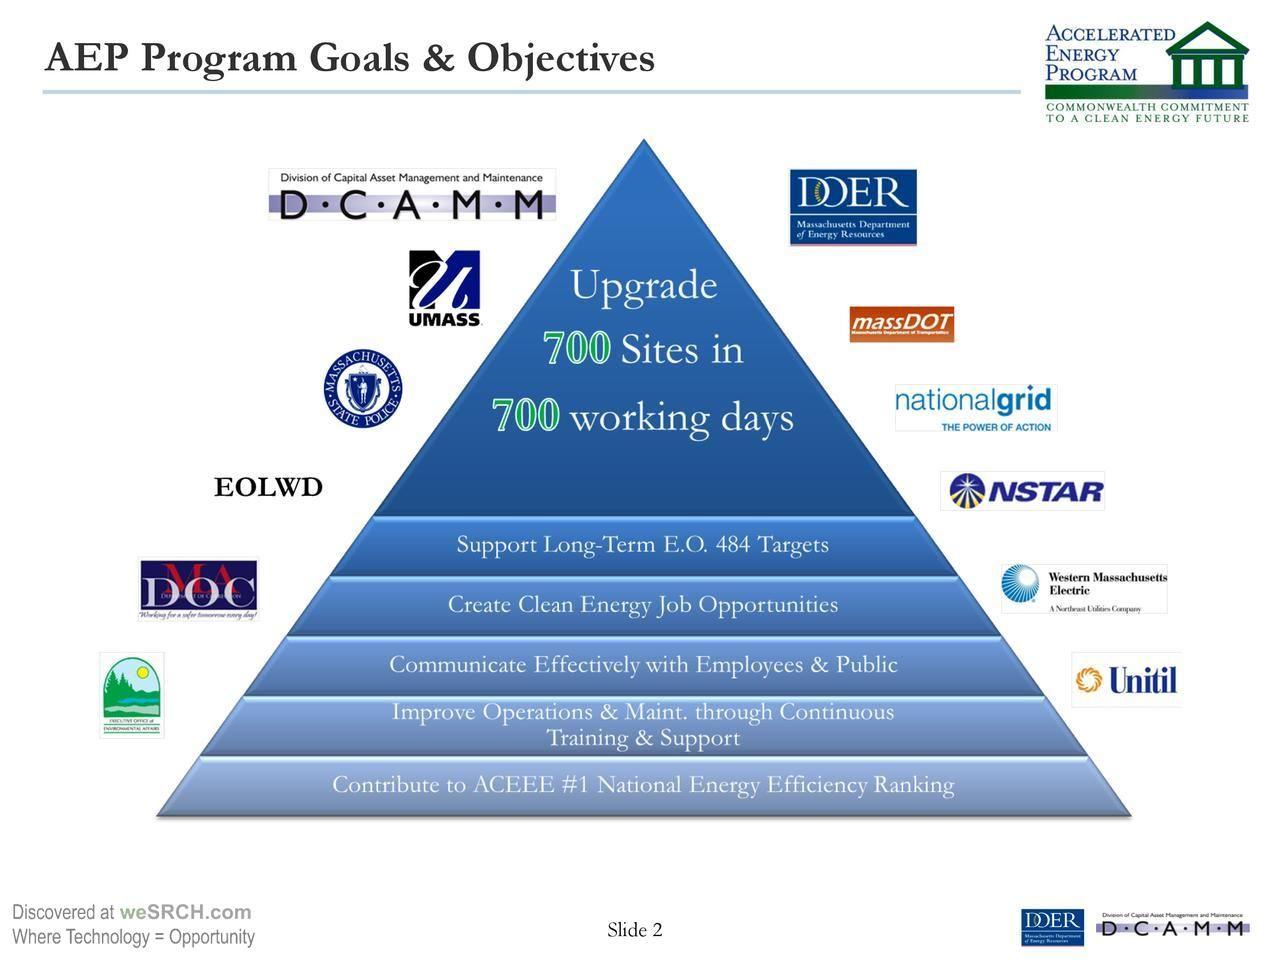 Leaders in Energy Efficiency Financing - Accellerated Energy